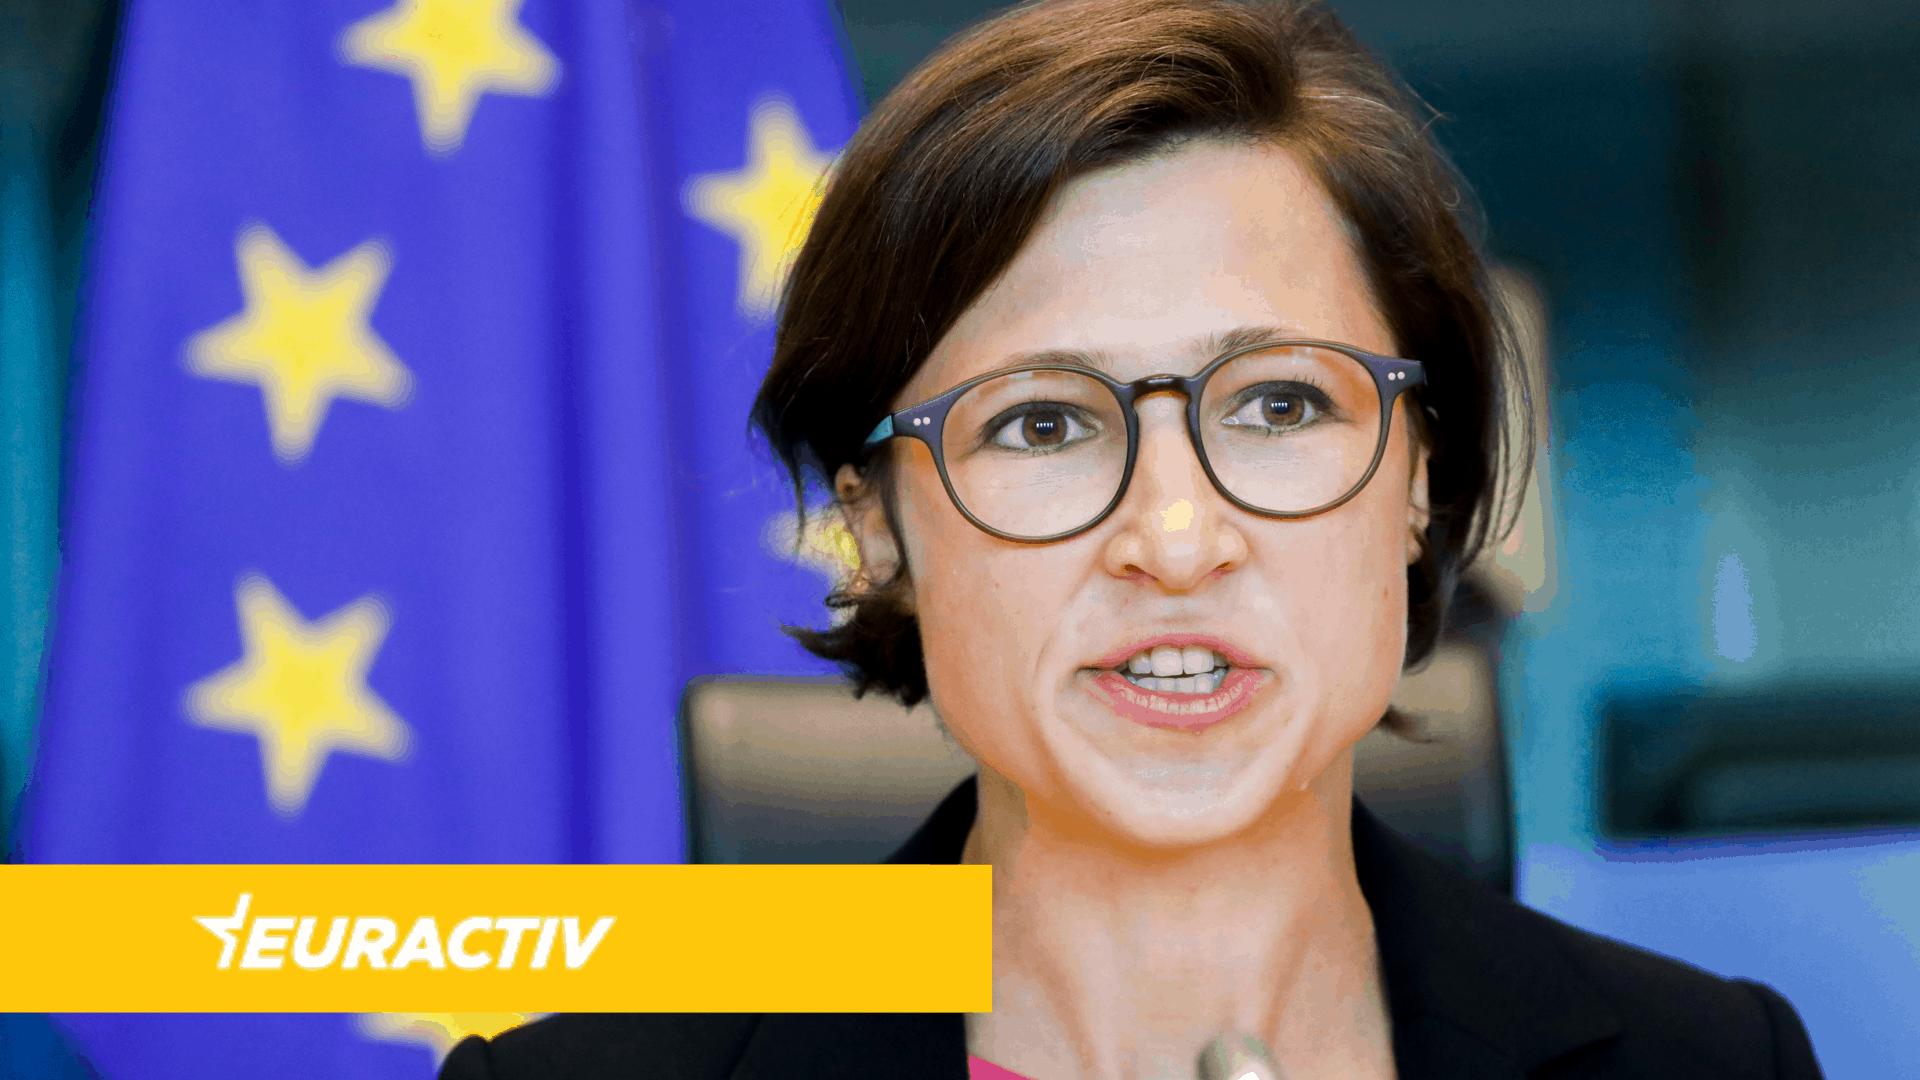 Die EU braucht gemeinsame Regeln und mehr Transparenz beim Thema Waffenexporte: Mein Interview mit euractiv